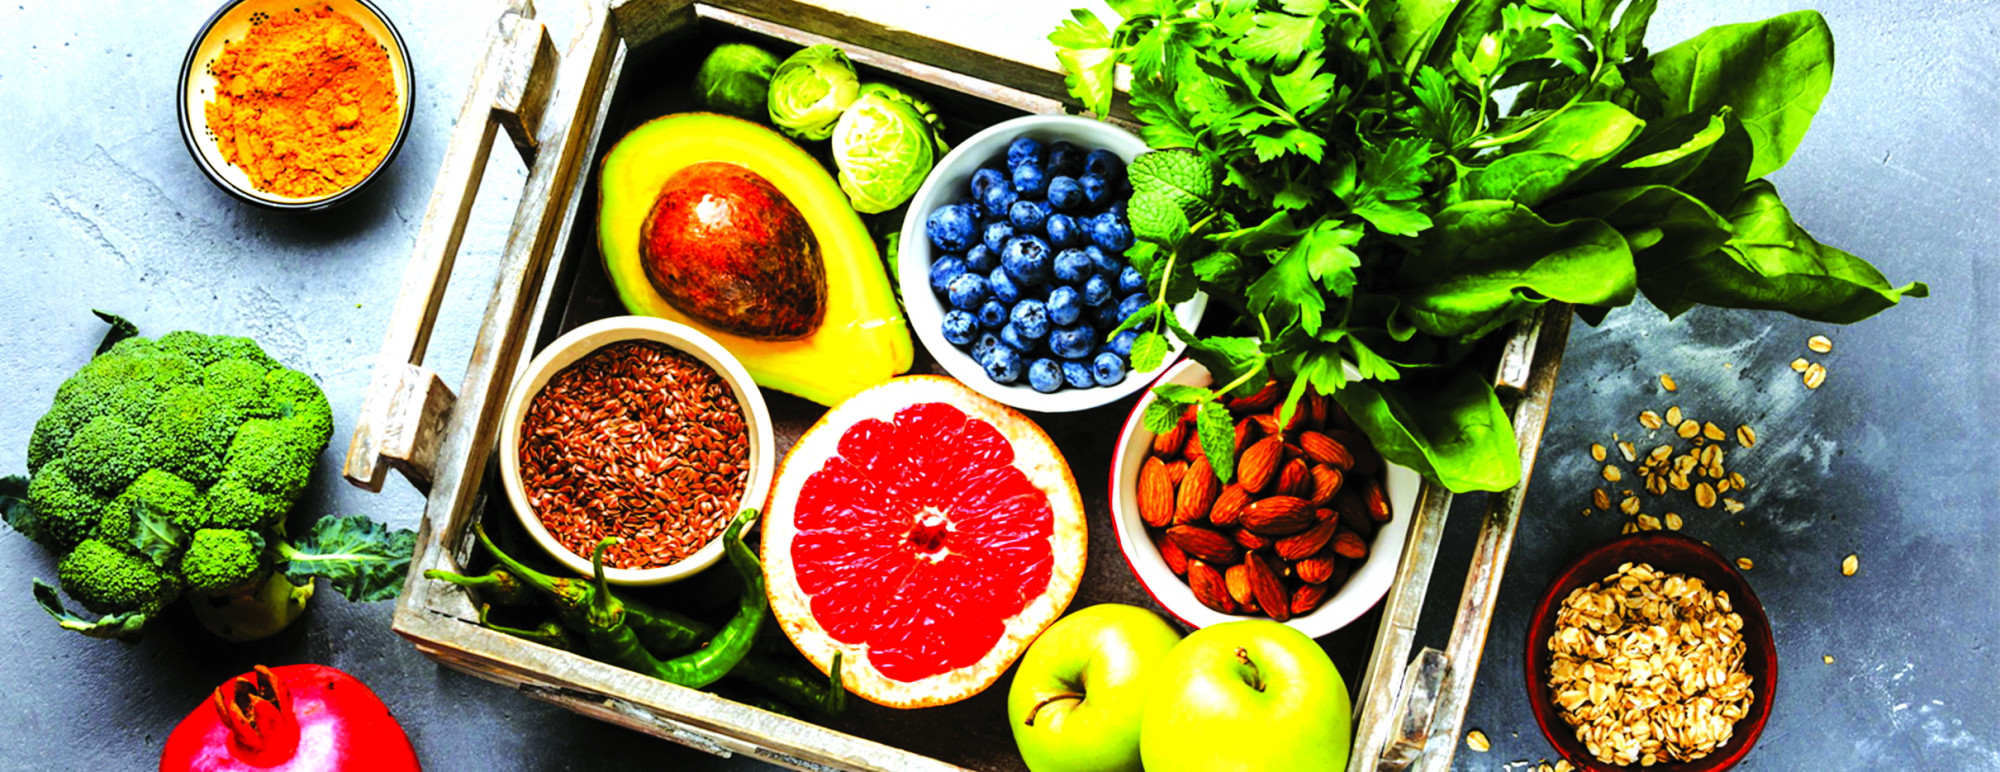 Hãy luôn duy trì trái cây và rau trong chế độ ăn cho gia đình - ẢNH: INTERNET